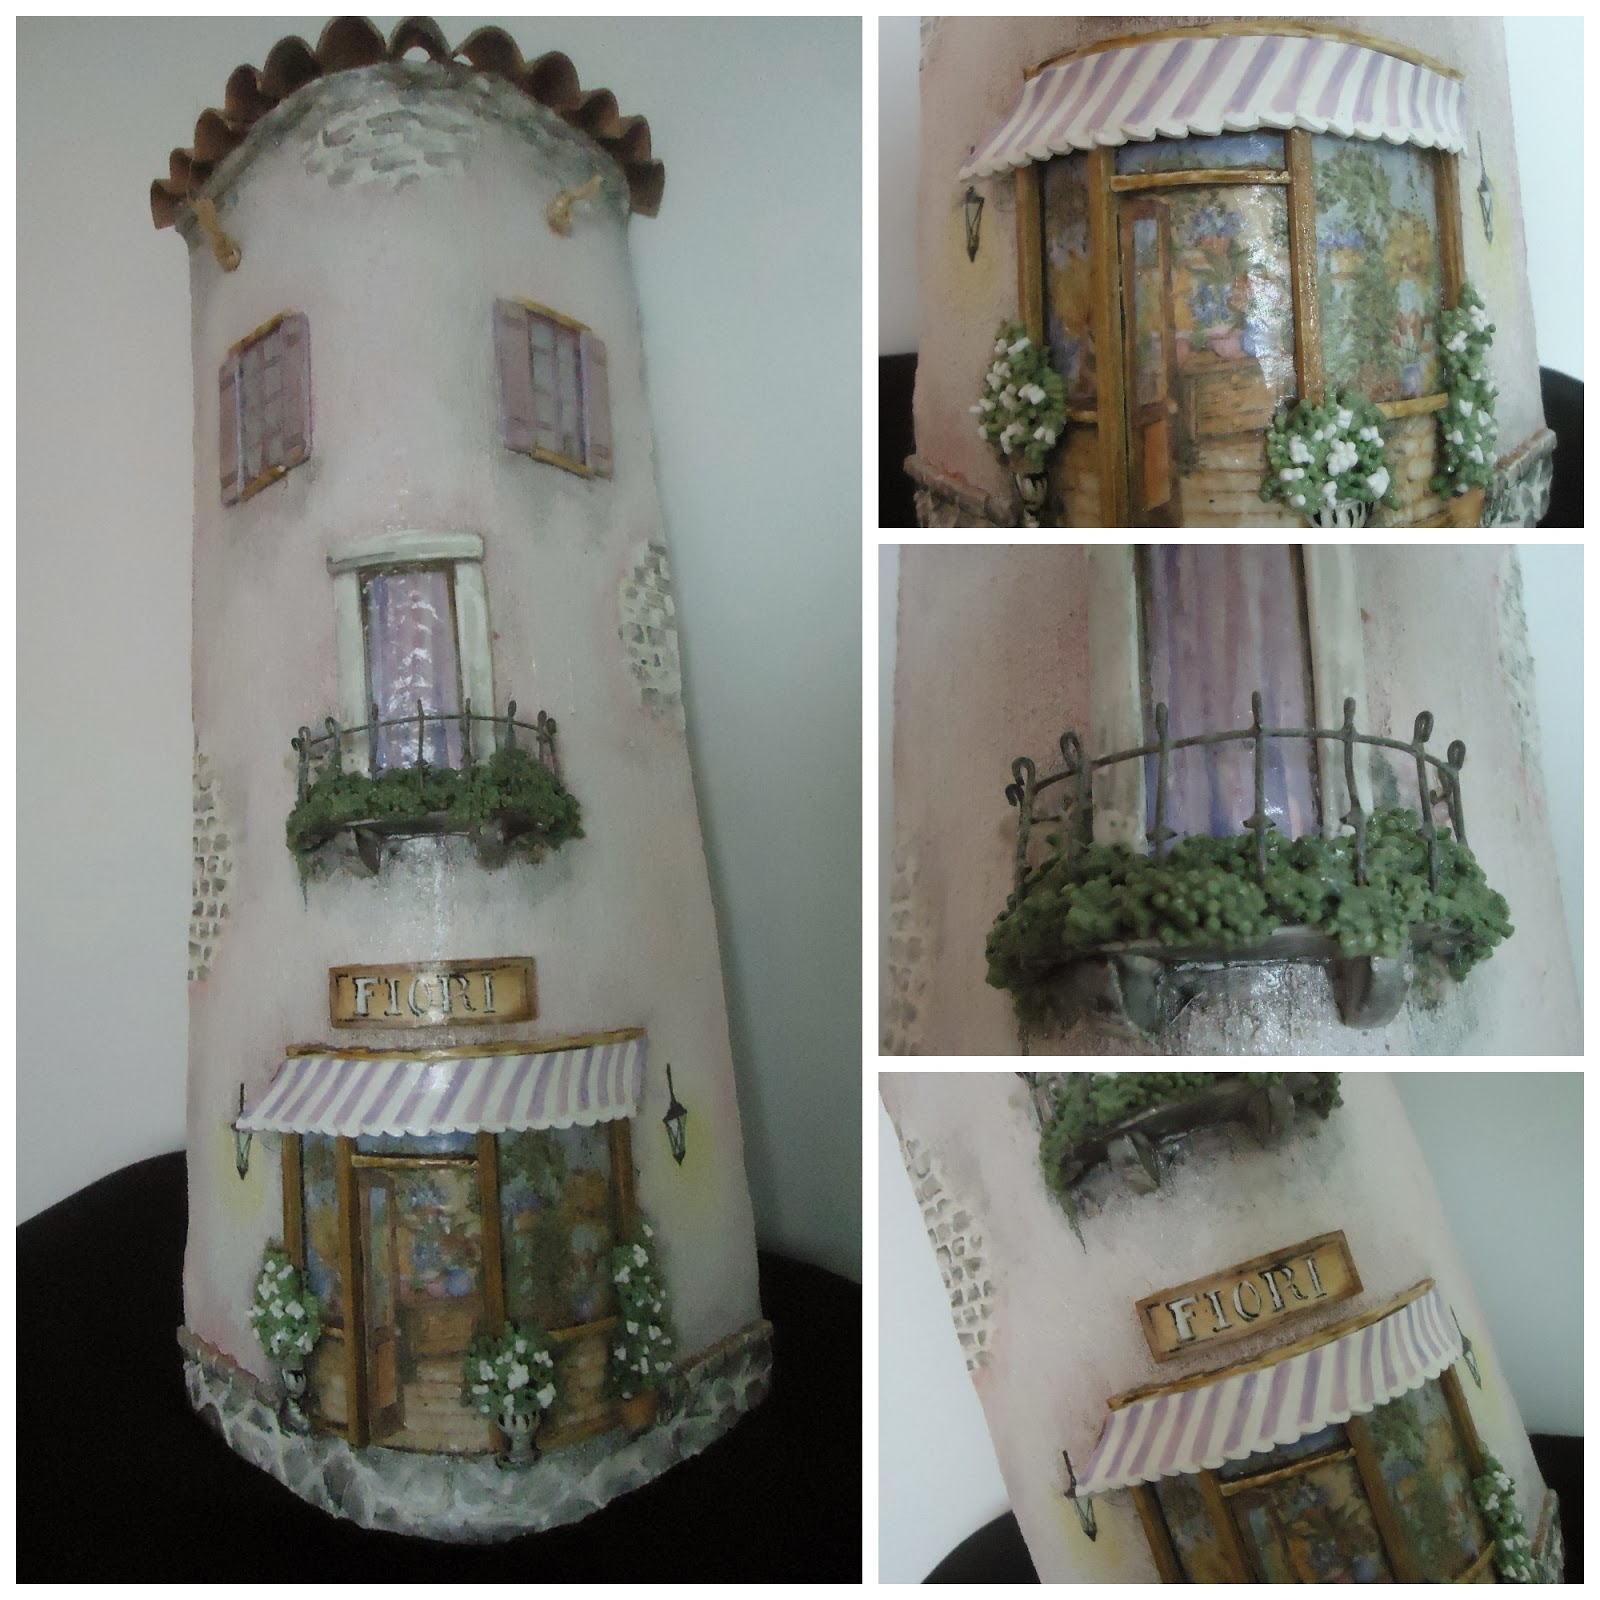 La bottega delle fate creative nuovi coppi - Coppi decorati in rilievo ...